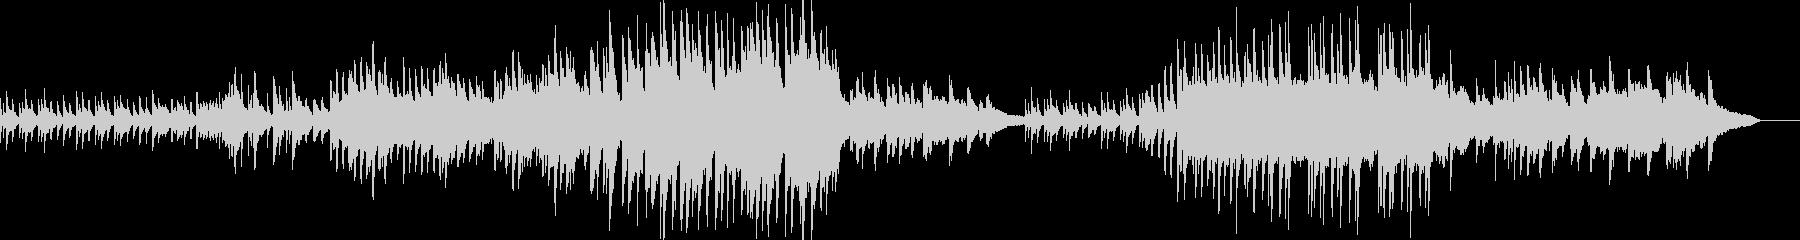 壮大で叙情的なピアノバラードの未再生の波形